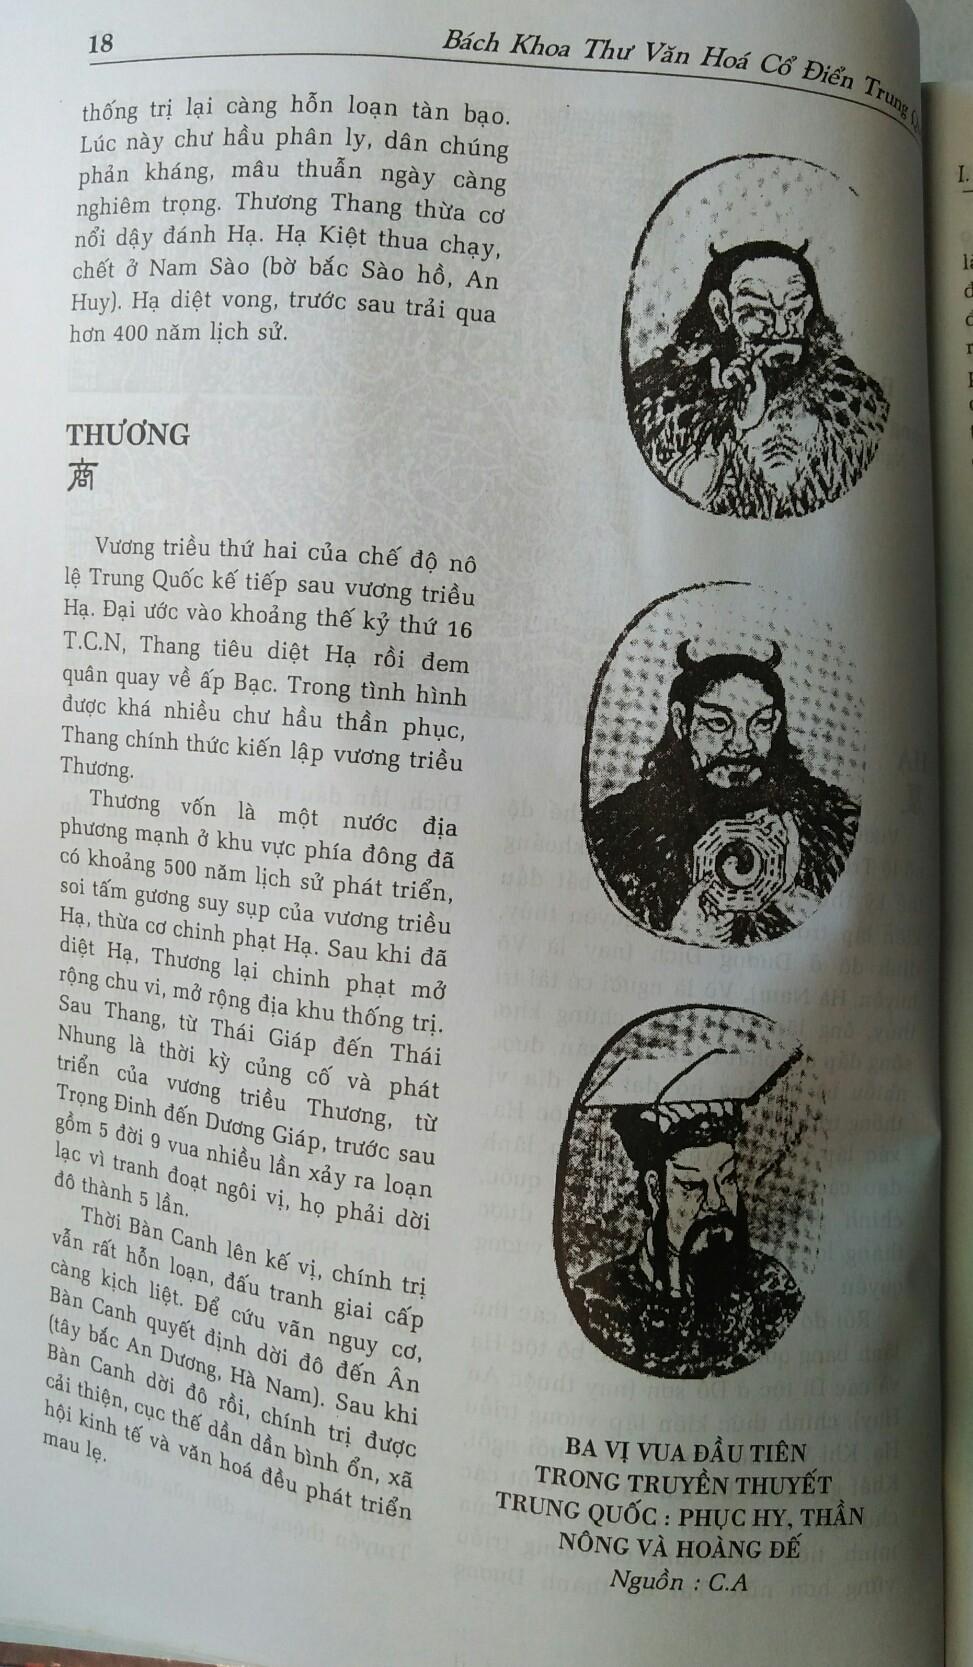 Bách Khoa Thư Văn Hóa Cổ Điển Trung Quốc - Sách